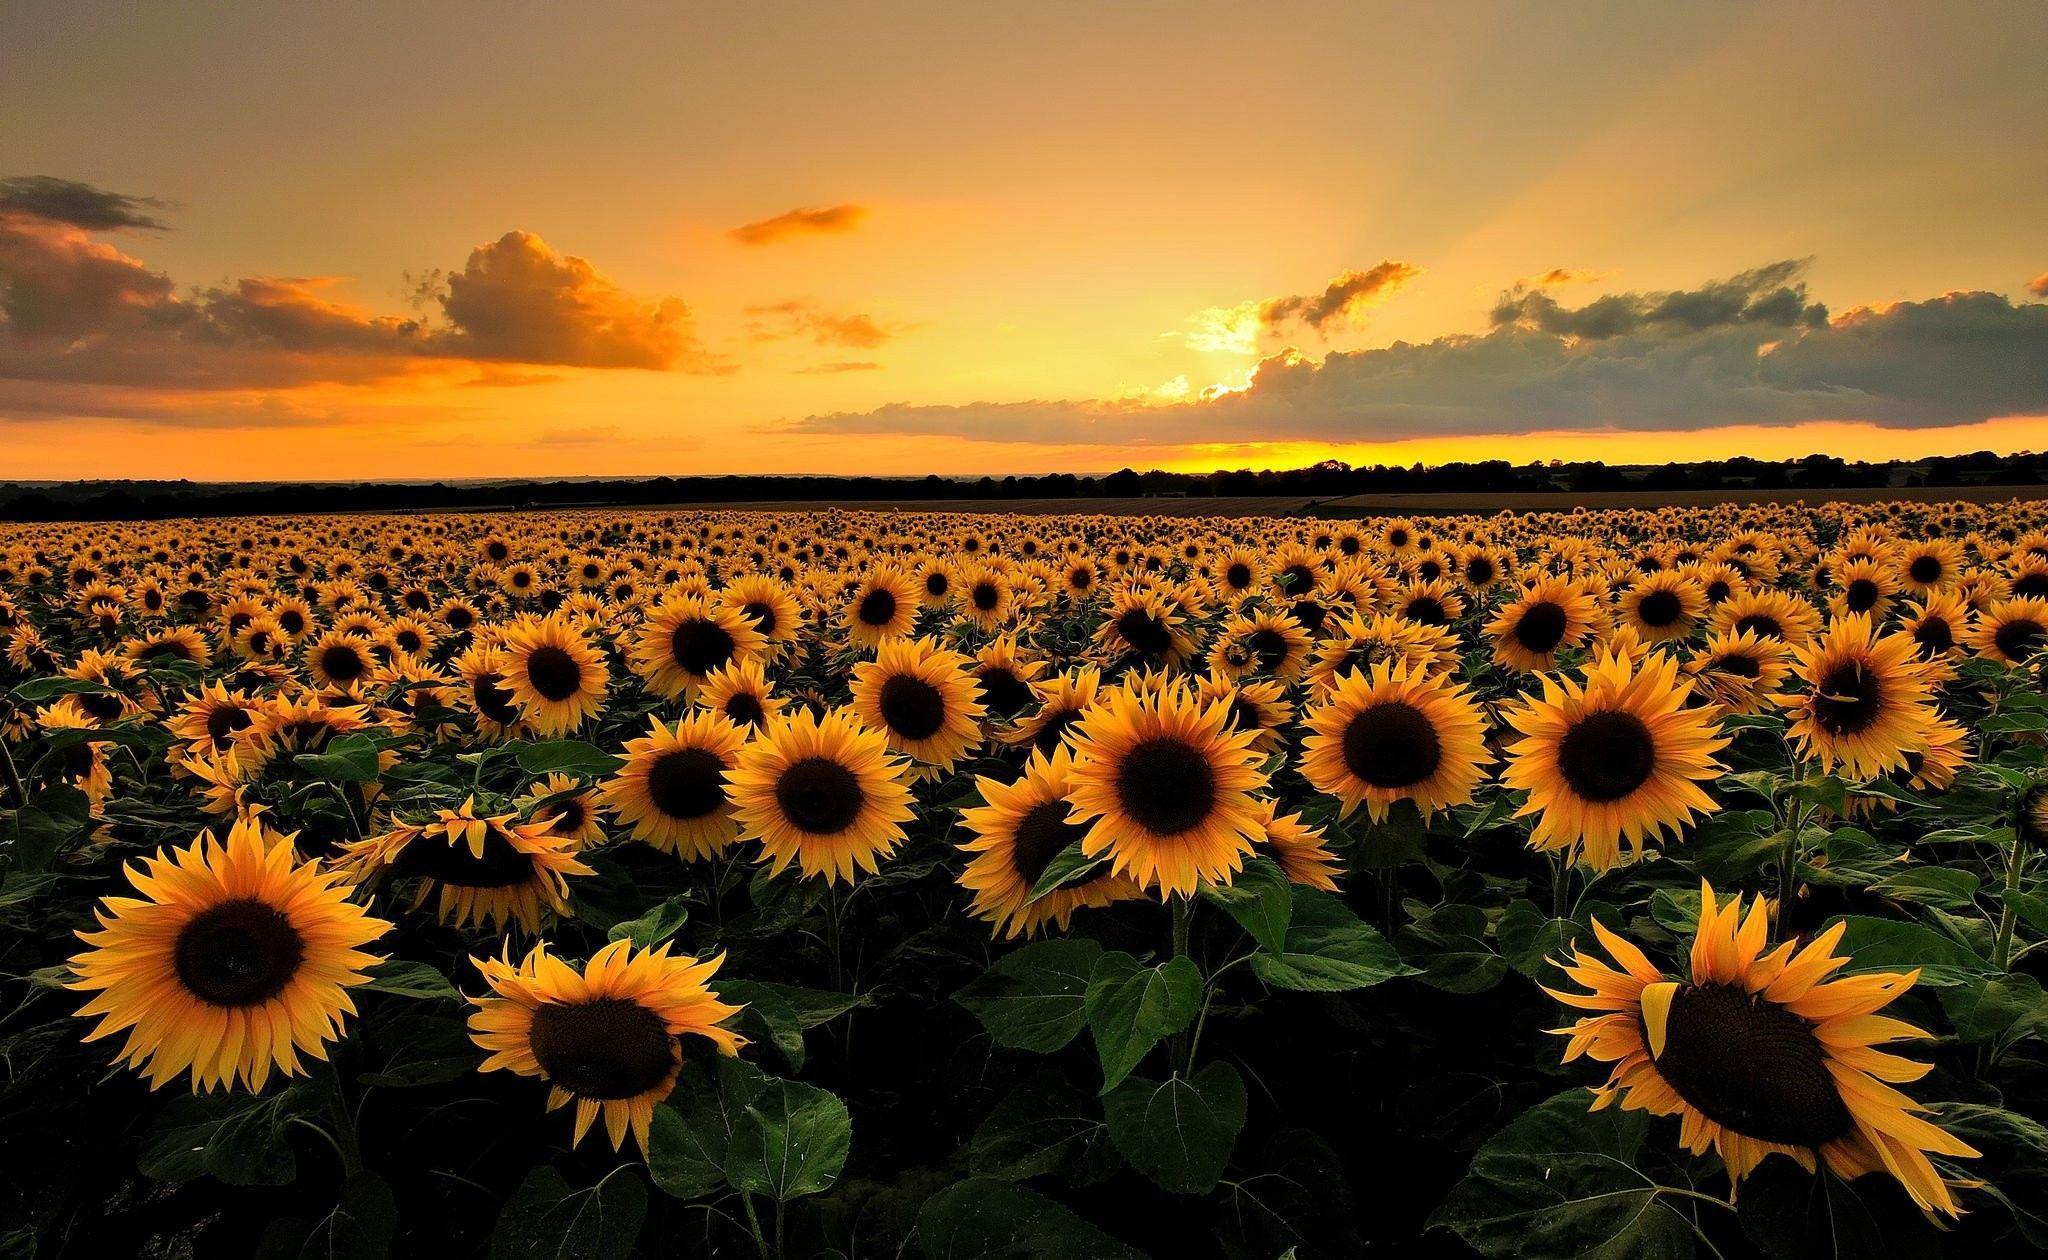 Sunflower Desktop Wallpapers Top Free Sunflower Desktop Backgrounds Wallpaperaccess